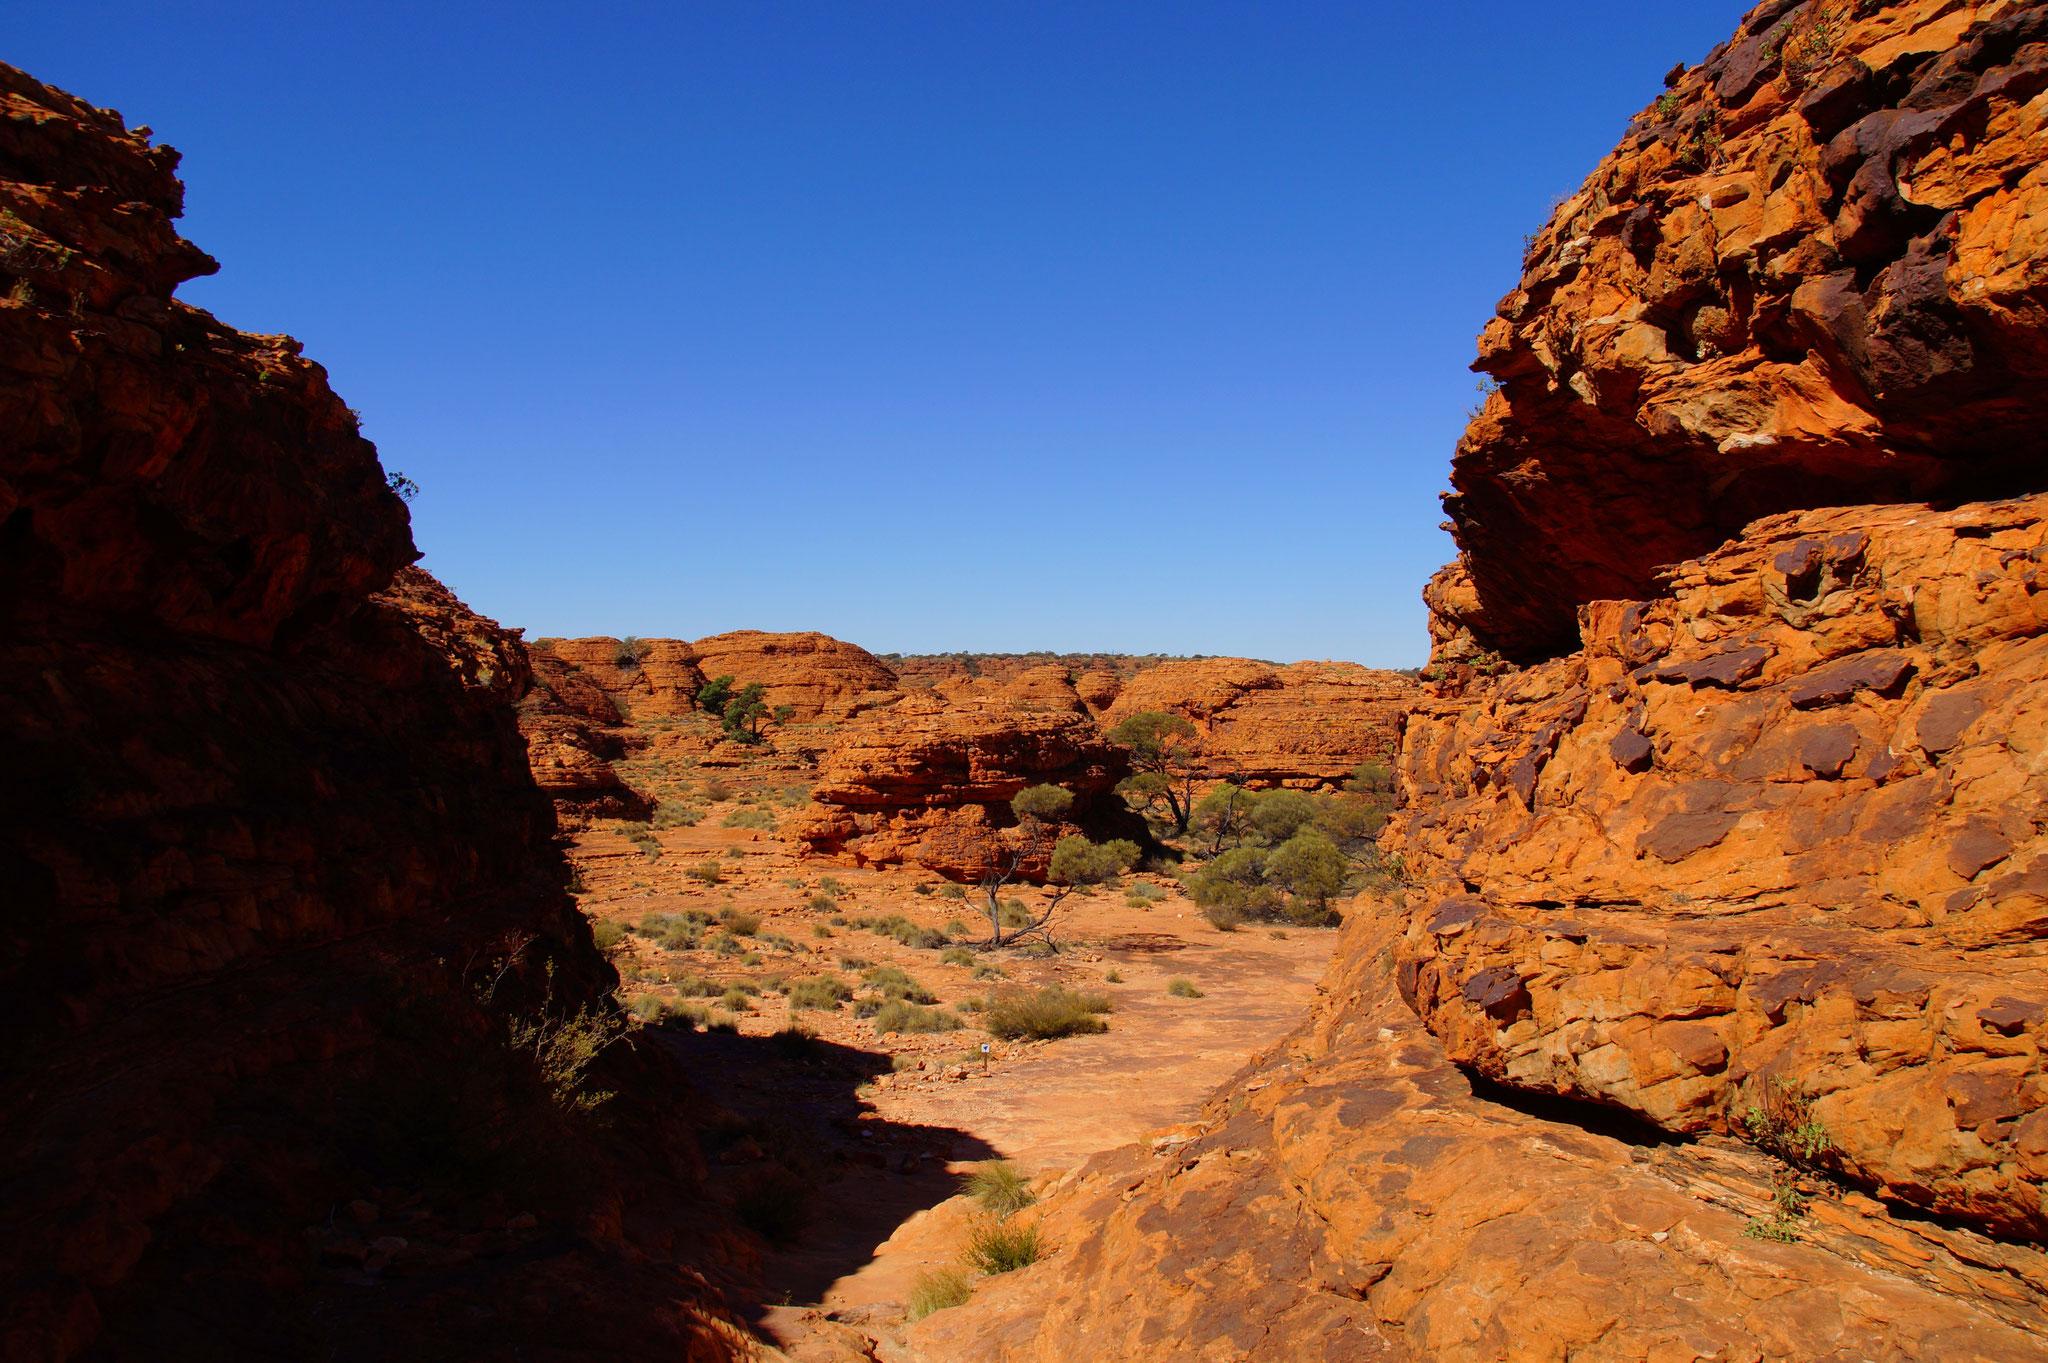 Auf dem Felsplateau gibt es kaum Schutz vor der Sonne. Am Nachmittag sehr heiß. Nehmt unbedingt Wasser mit.